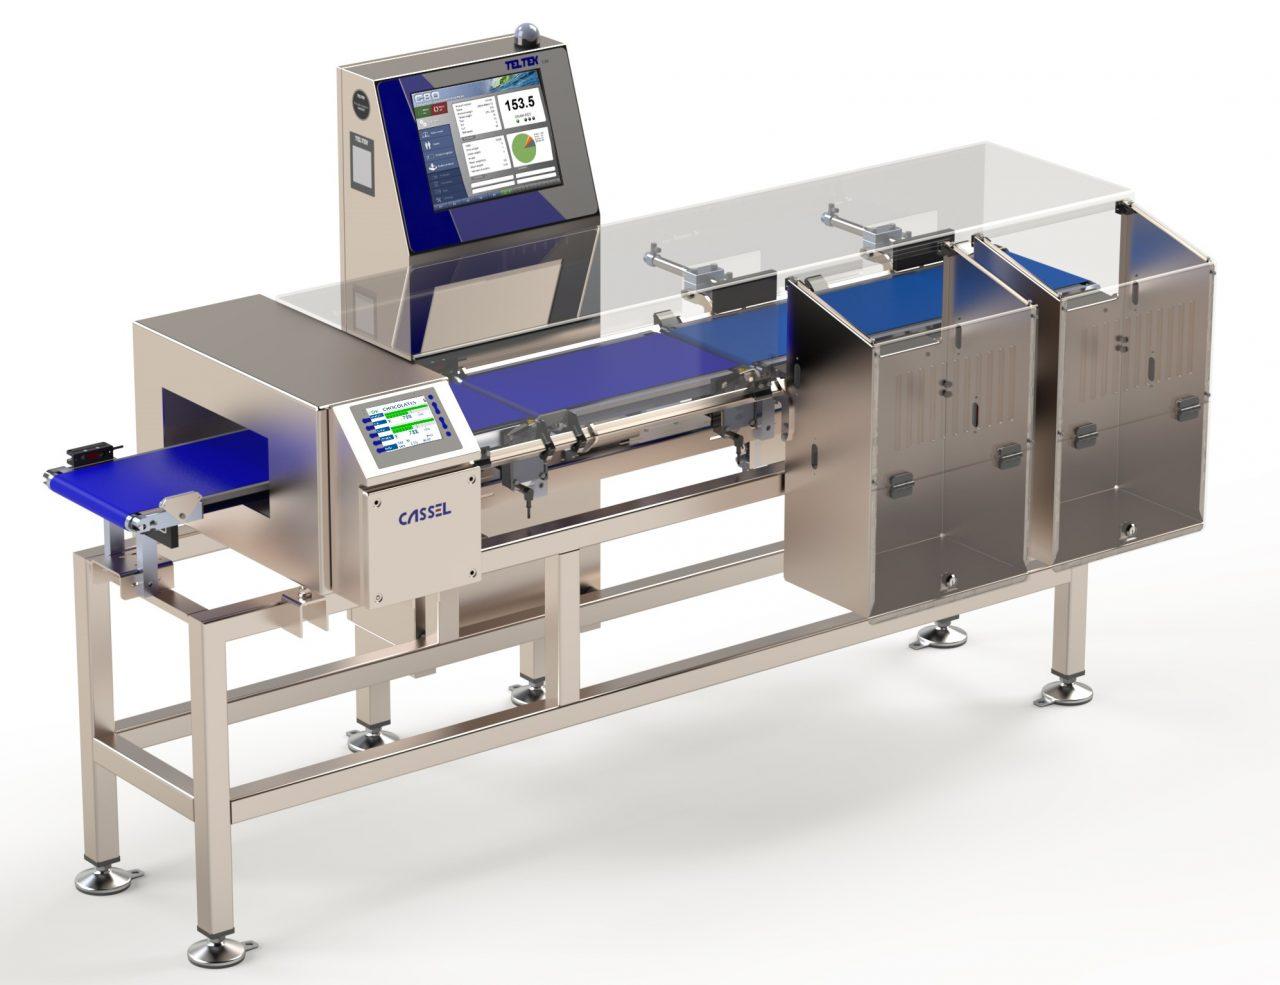 metal-detector-alimentare-e-selezionatrice-ponderale-1280x985.jpg